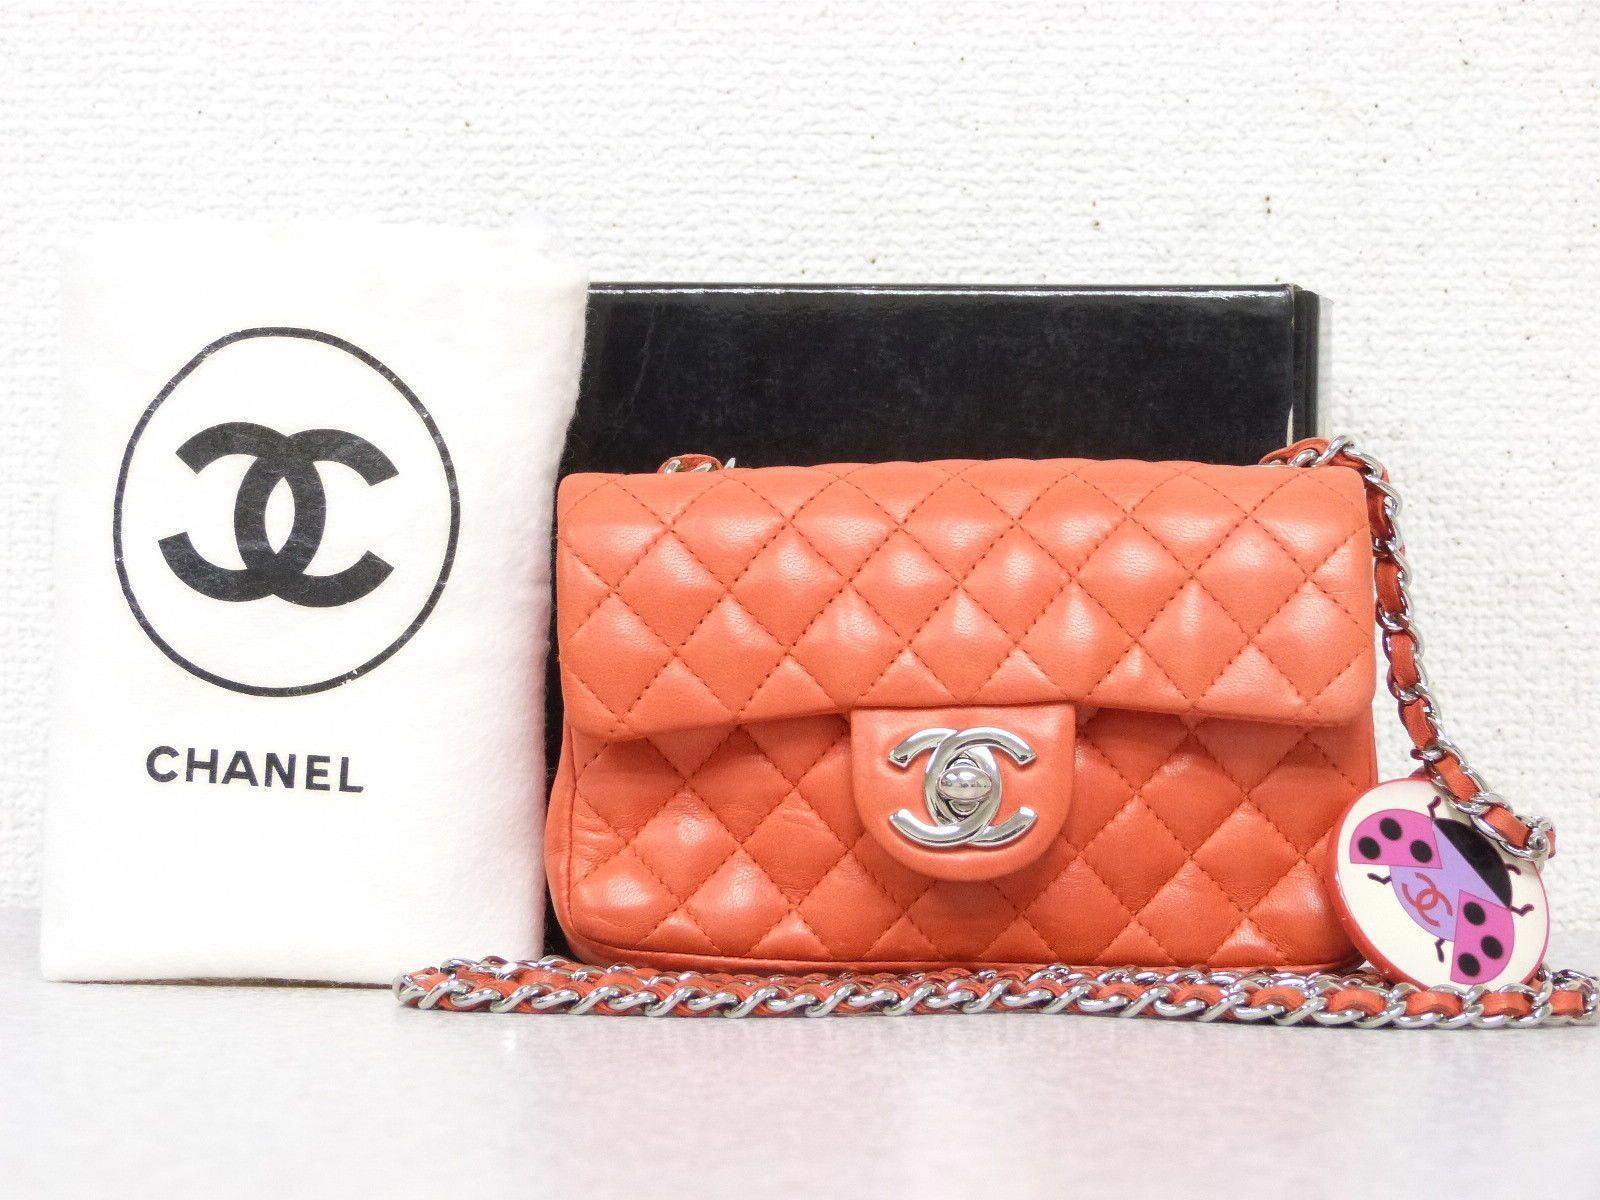 6d5f52d1dba3 chanel handbags ebay uk #Chanelhandbags | Chanel handbags in 2019 ...